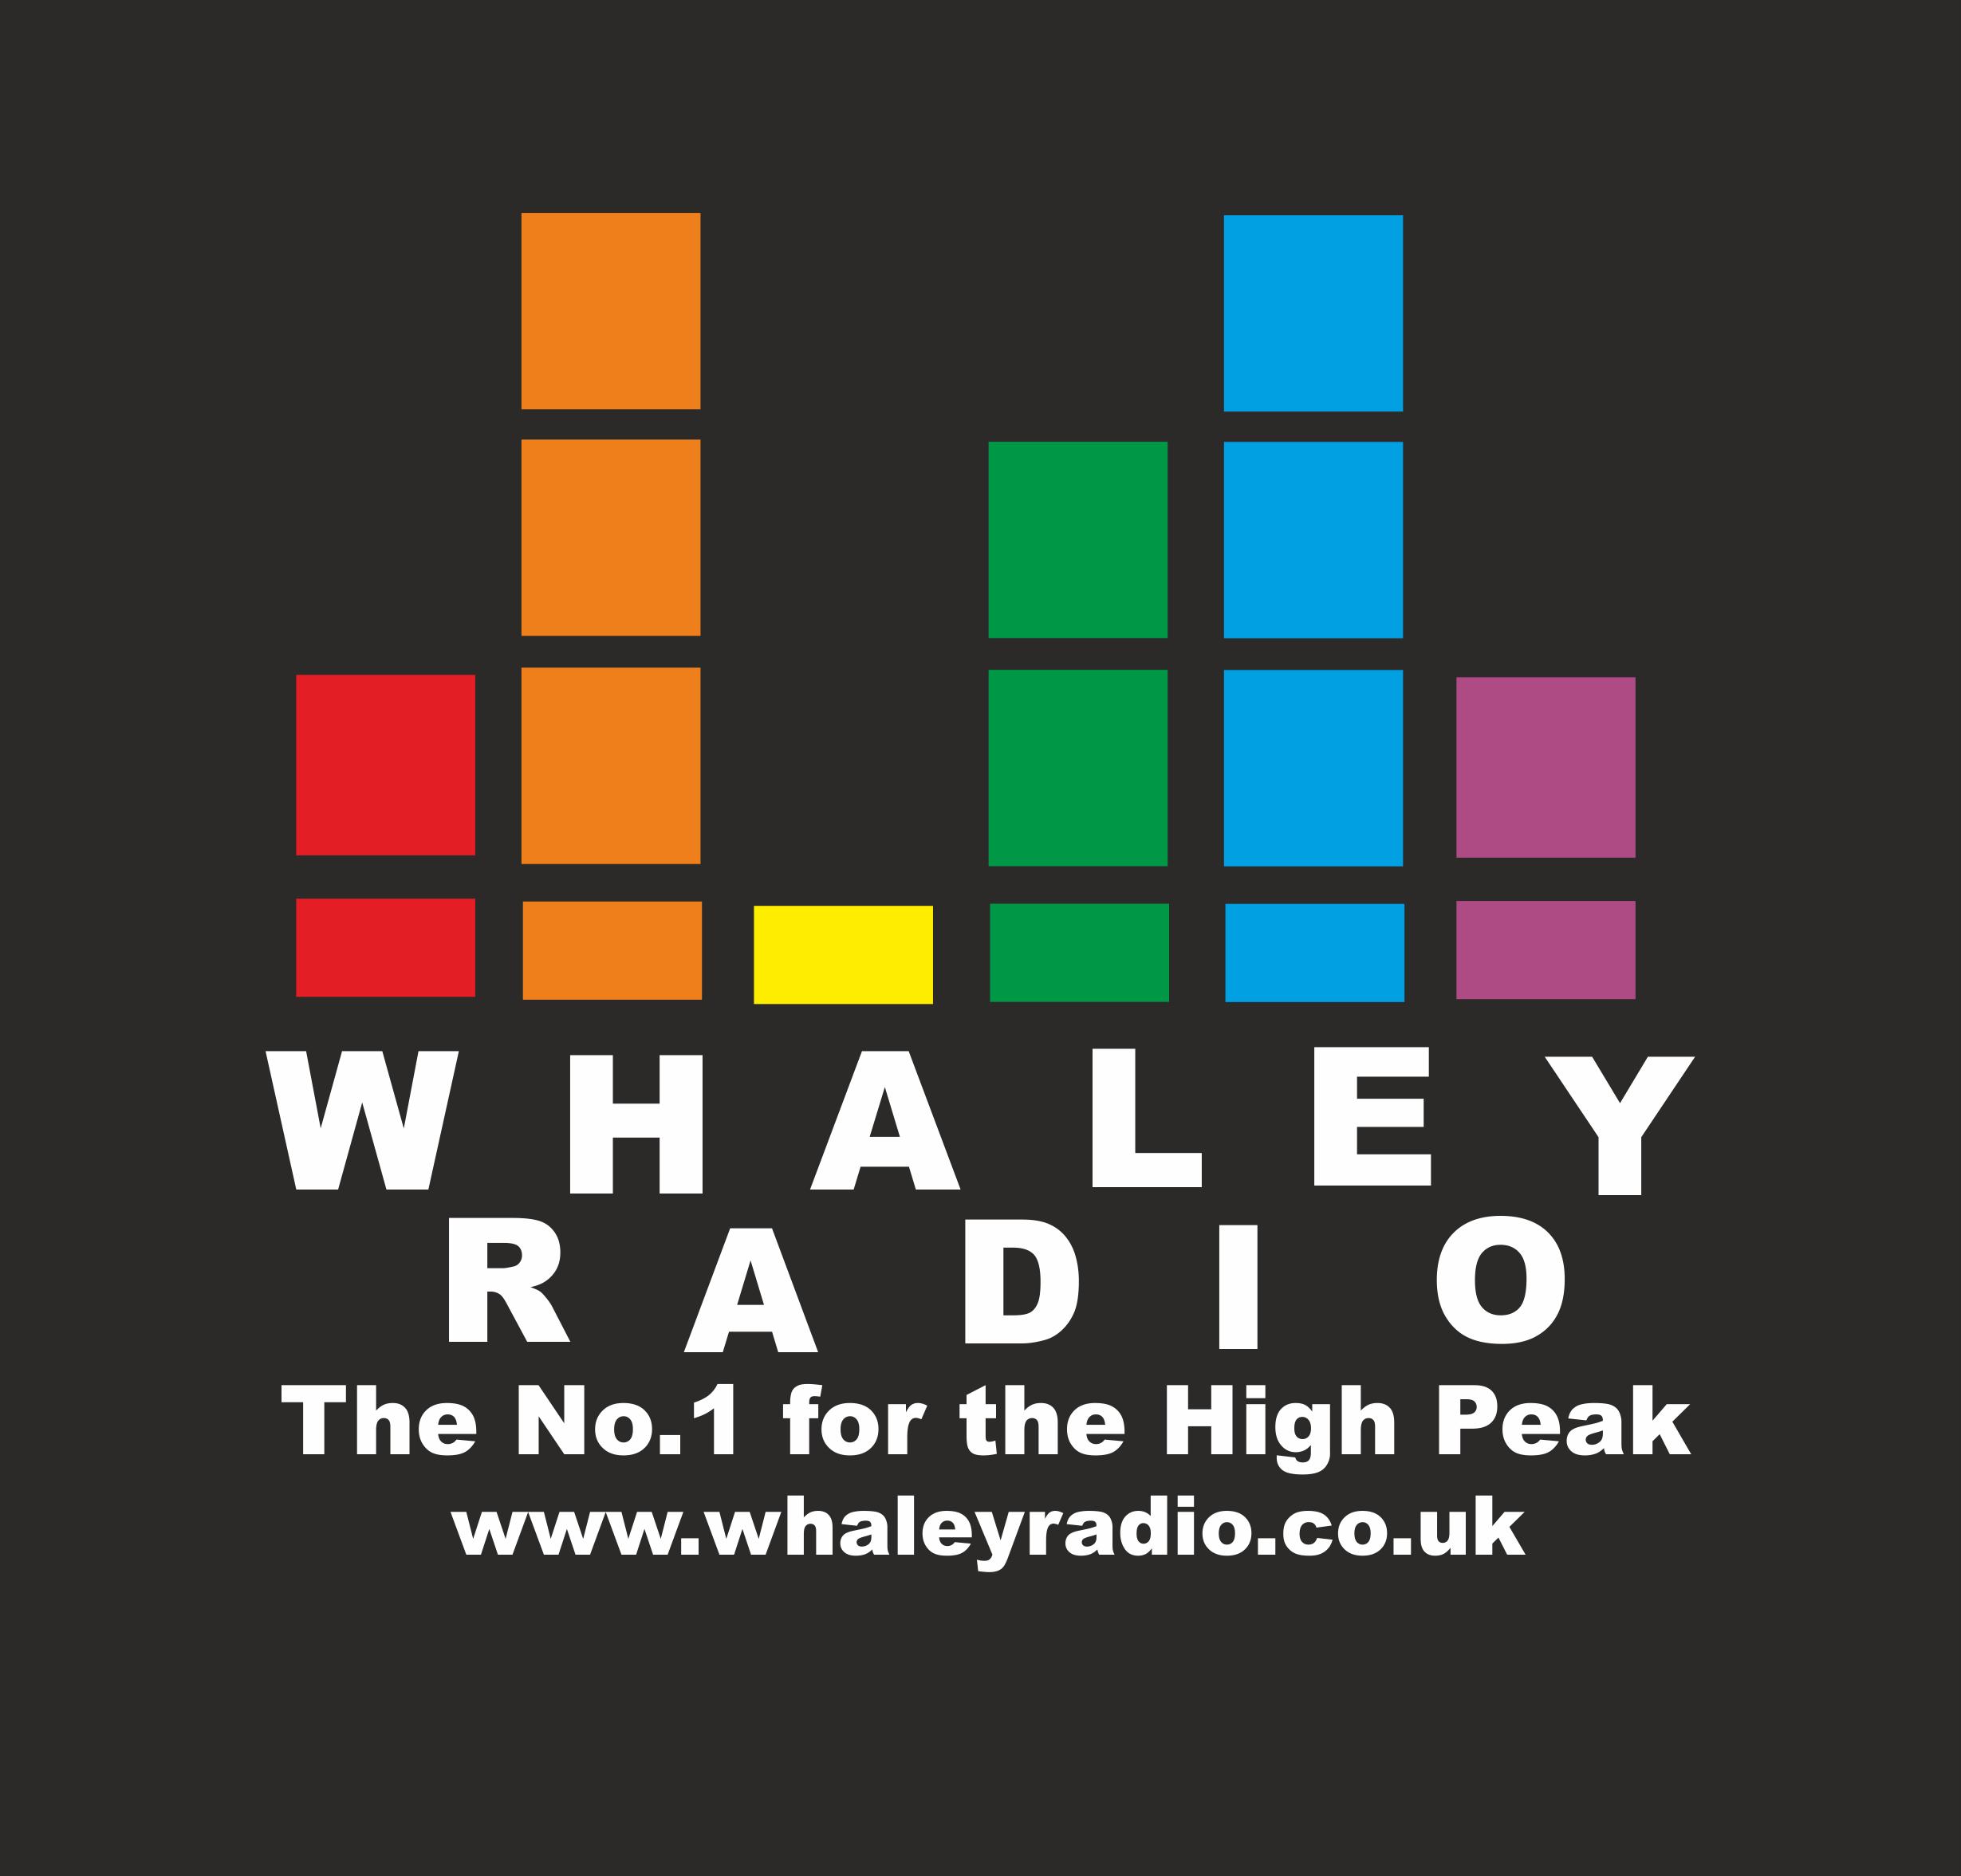 whaleyradio.co.uk